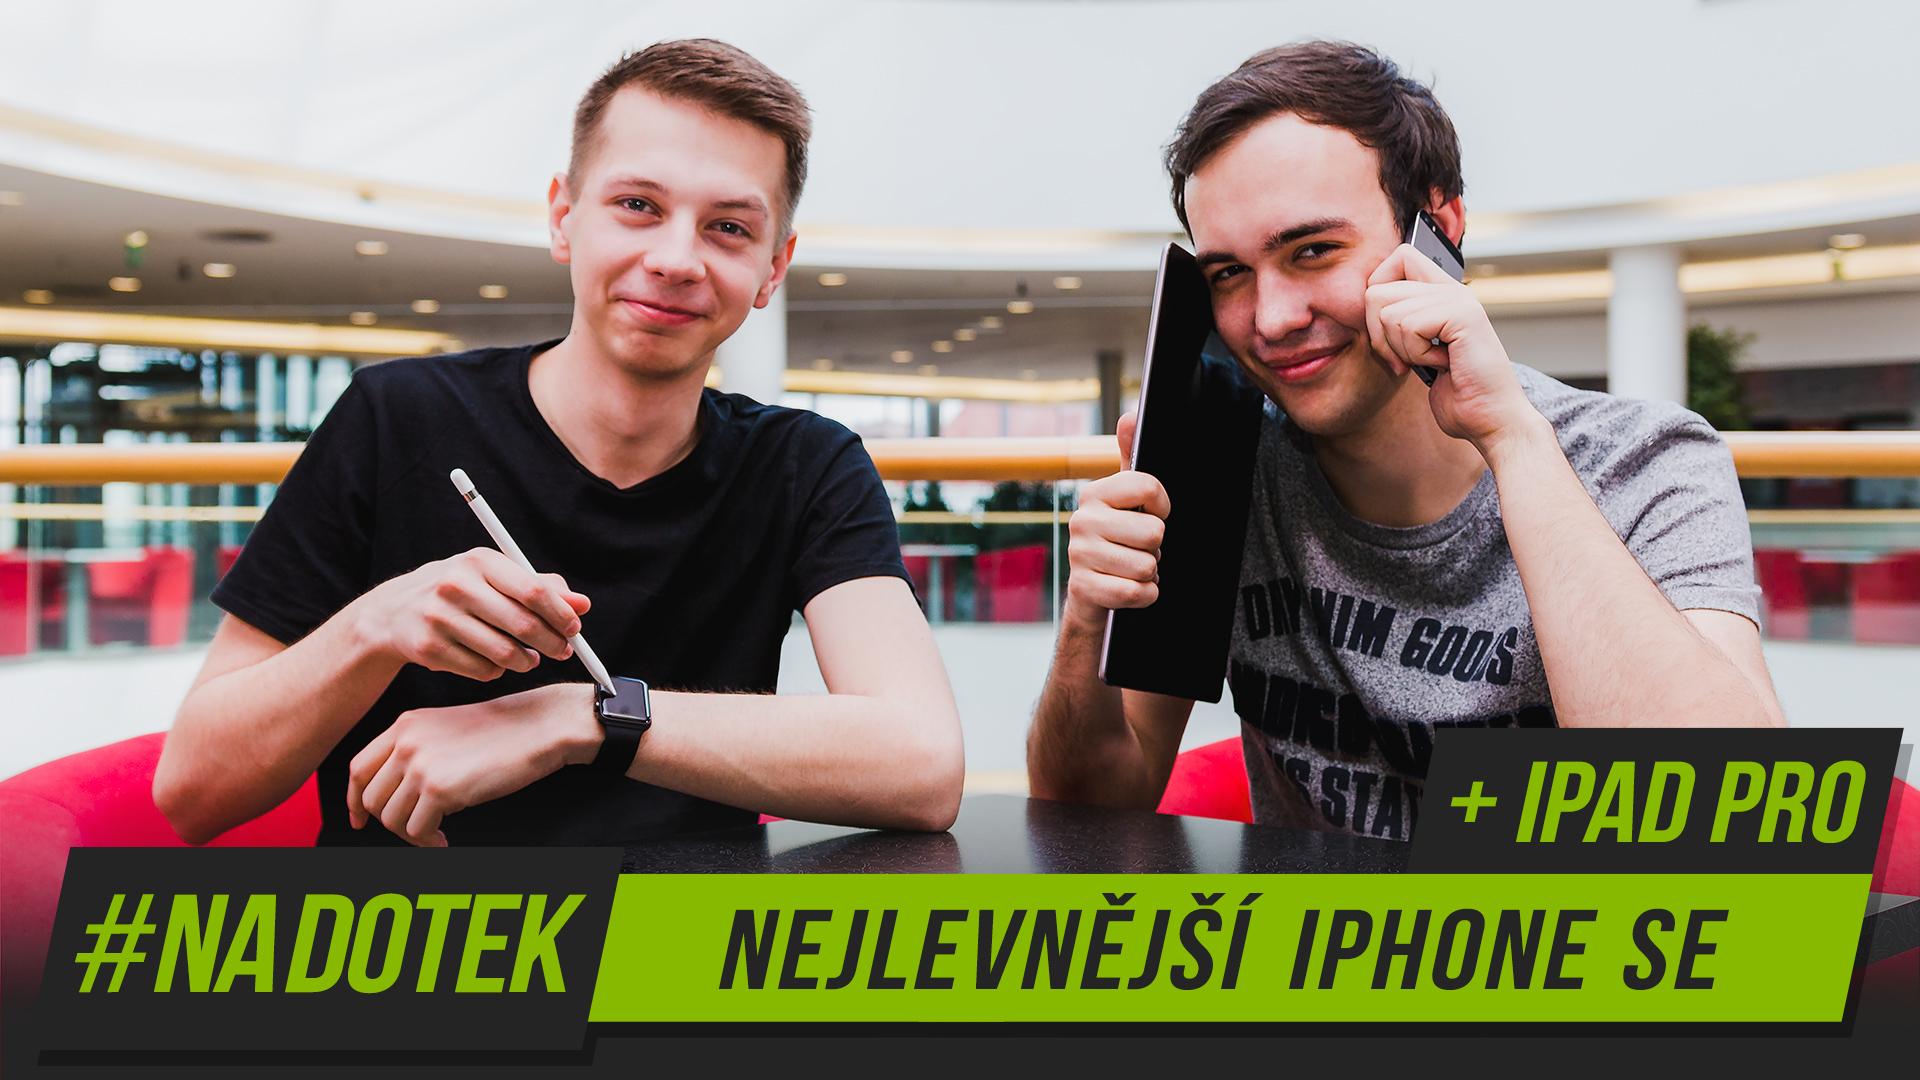 Na Dotek – Nejlevnější iPhone SE + iPad PRO